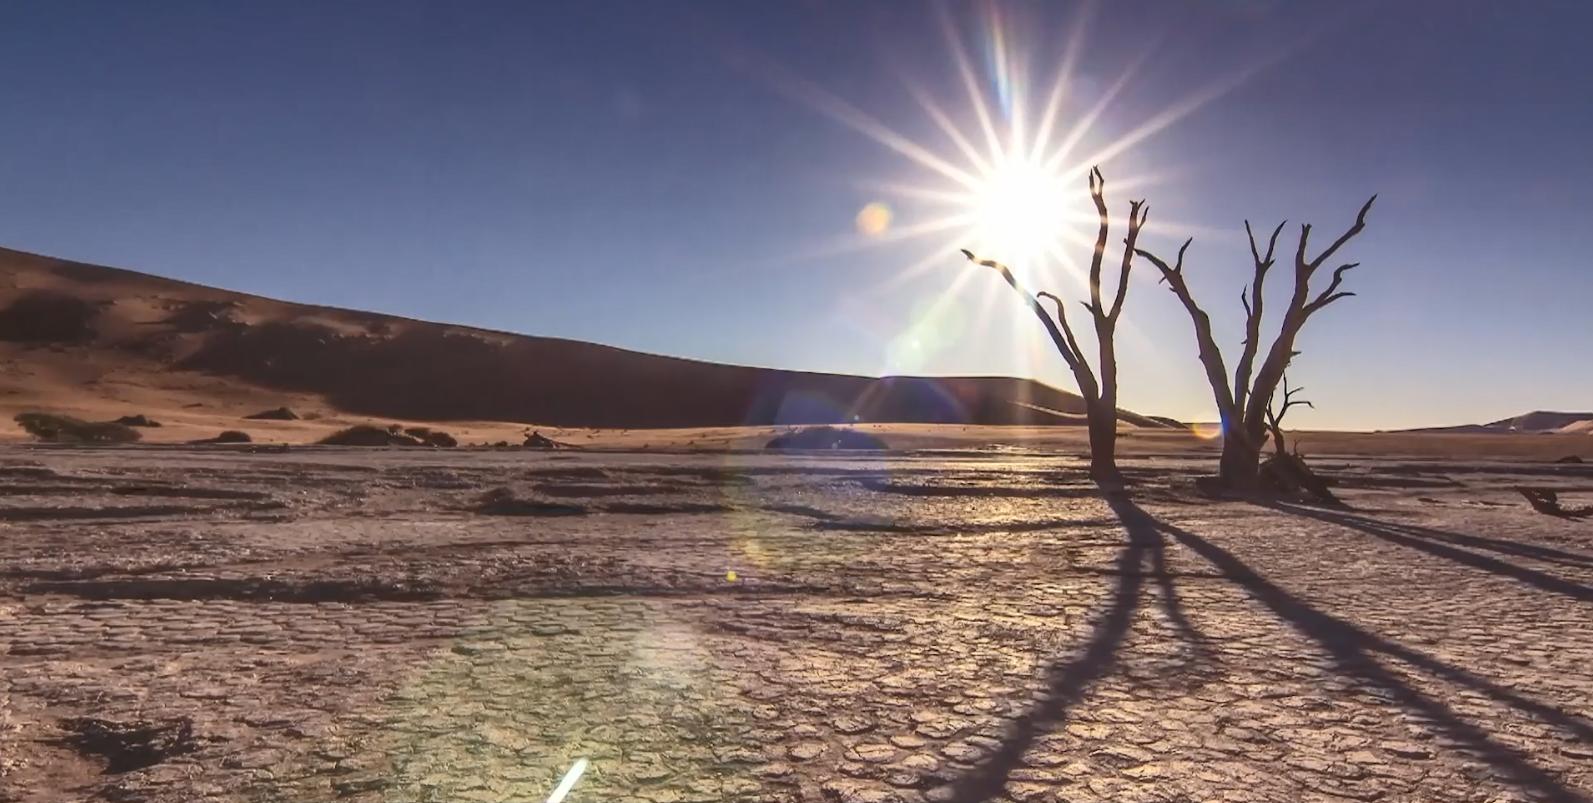 İklim Değişikliğiyle Mücadele Filmi